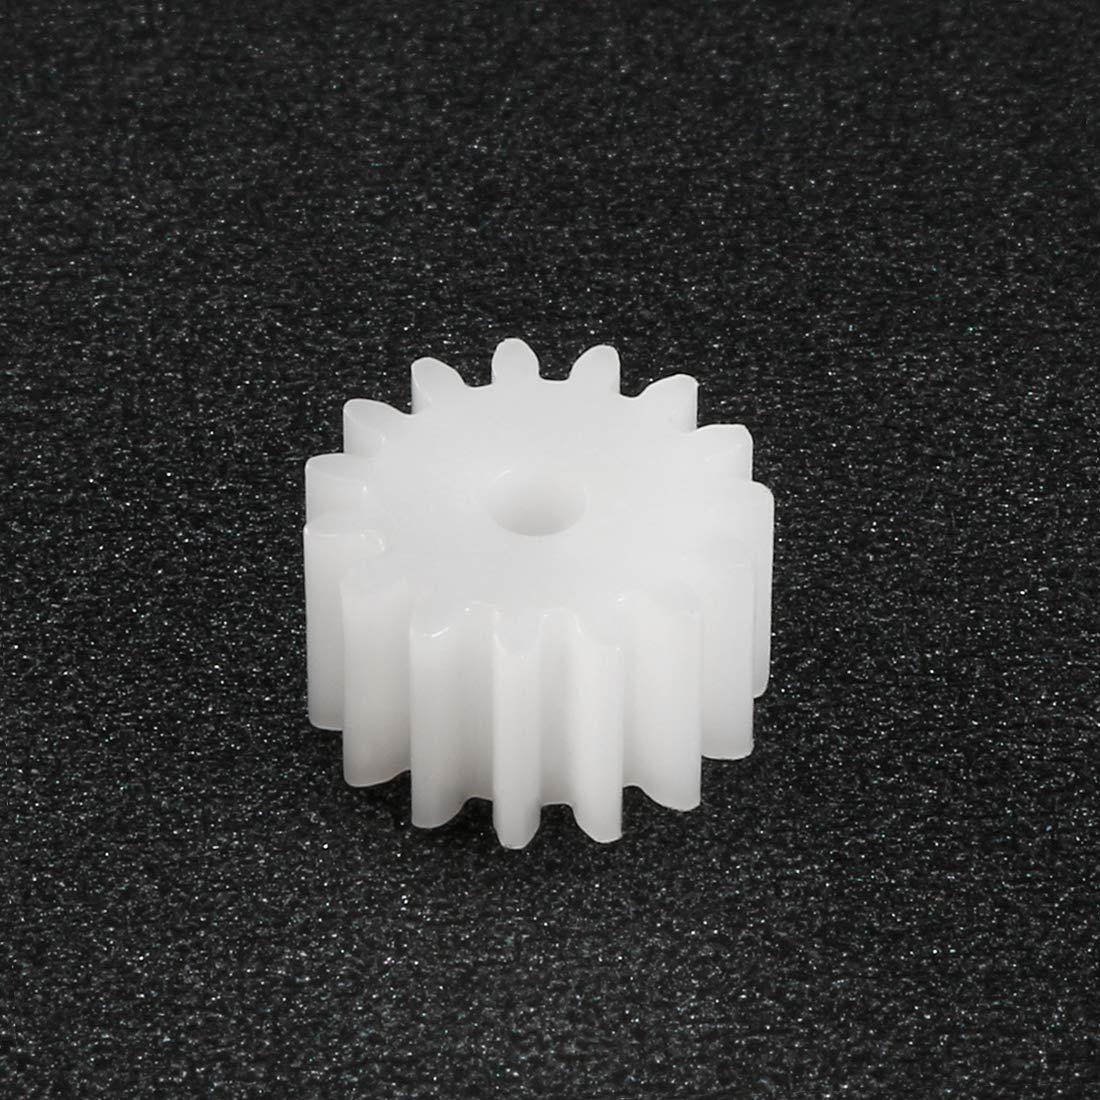 081.5A Kunststoff Zahnrad Spielzeug Zubehörteil 8 Zahn Auto Roboter Motor 20stk